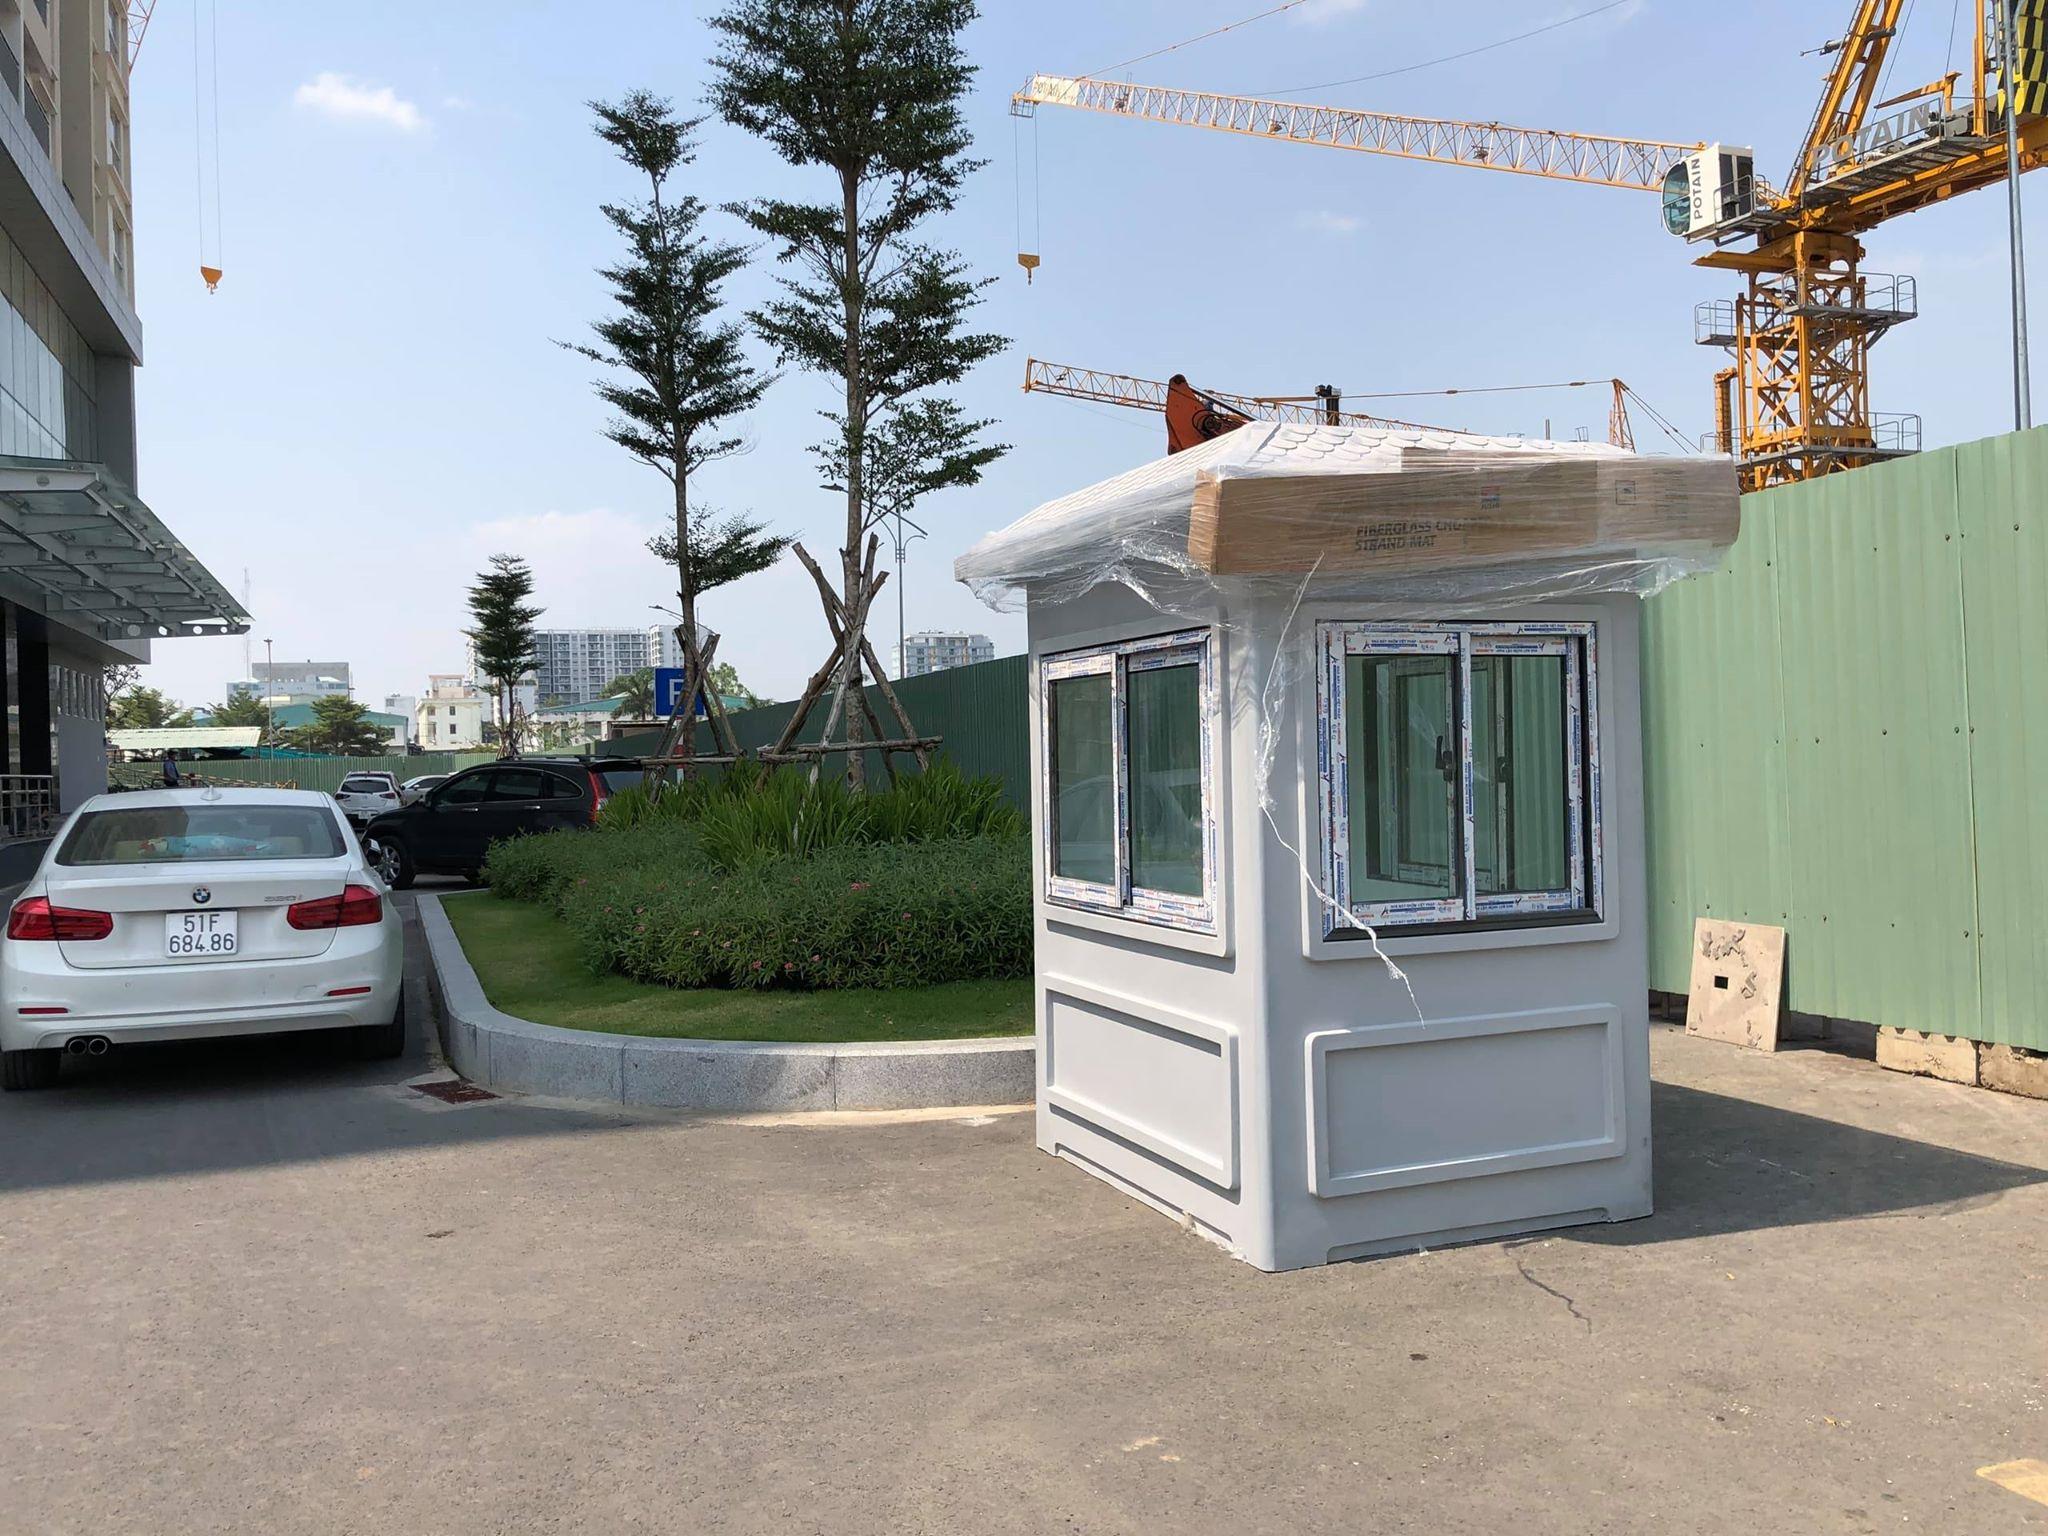 Tất cả các cabin chốt gác Vinacabin đều có thể dễ dàng lắp đặt và di chuyển